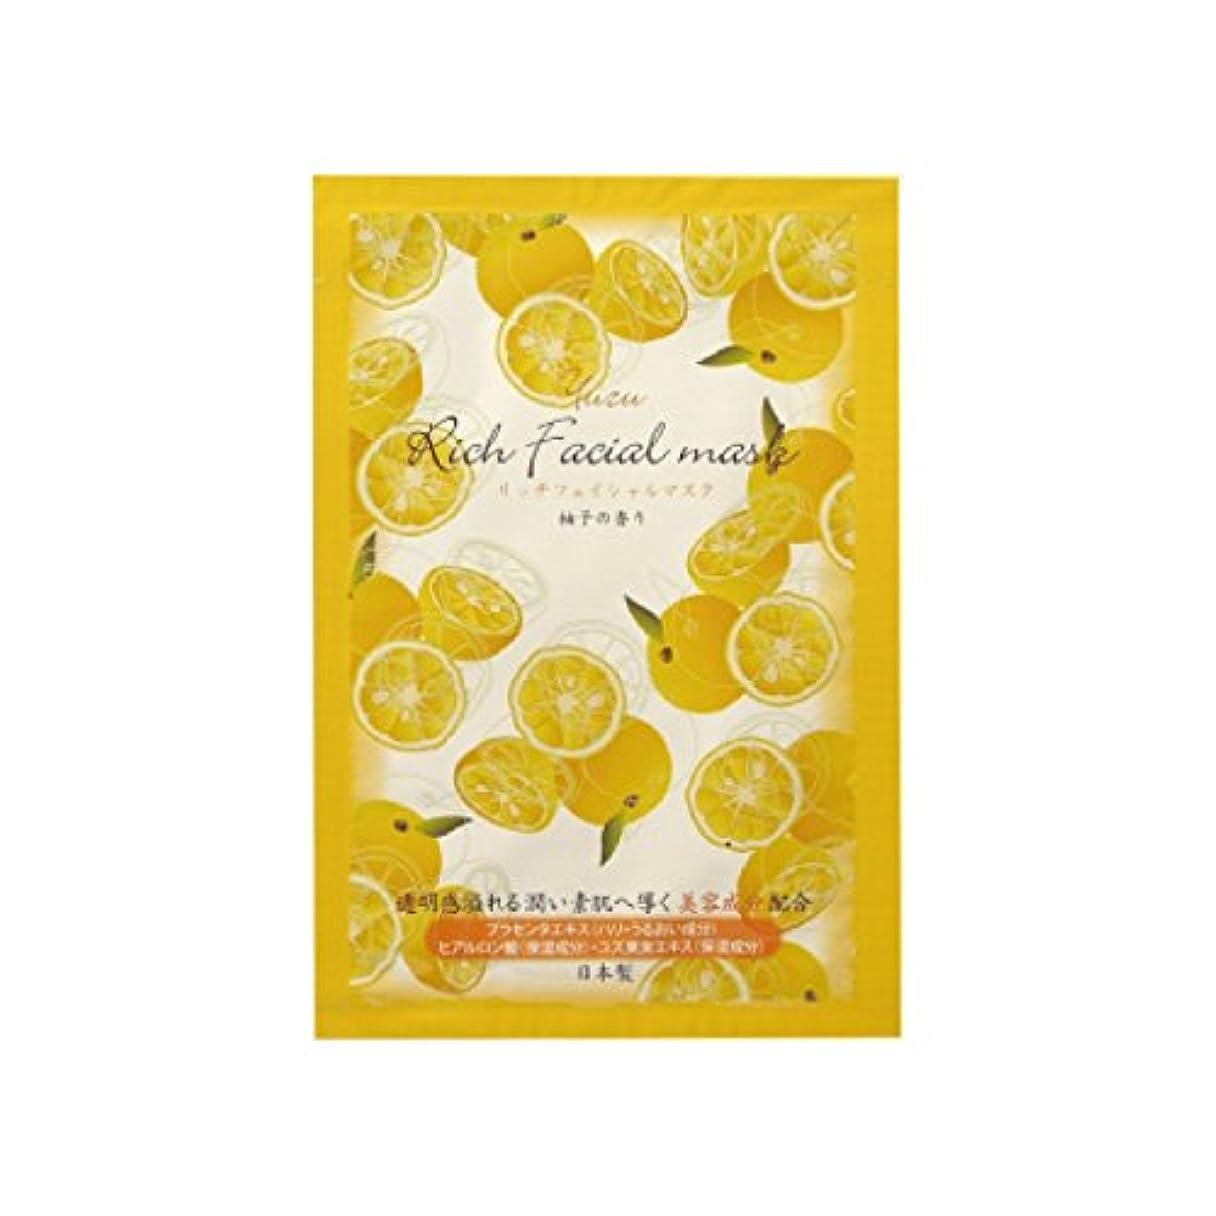 退屈な教師の日熱リッチフェイシャルマスク 柚子の香り 30枚